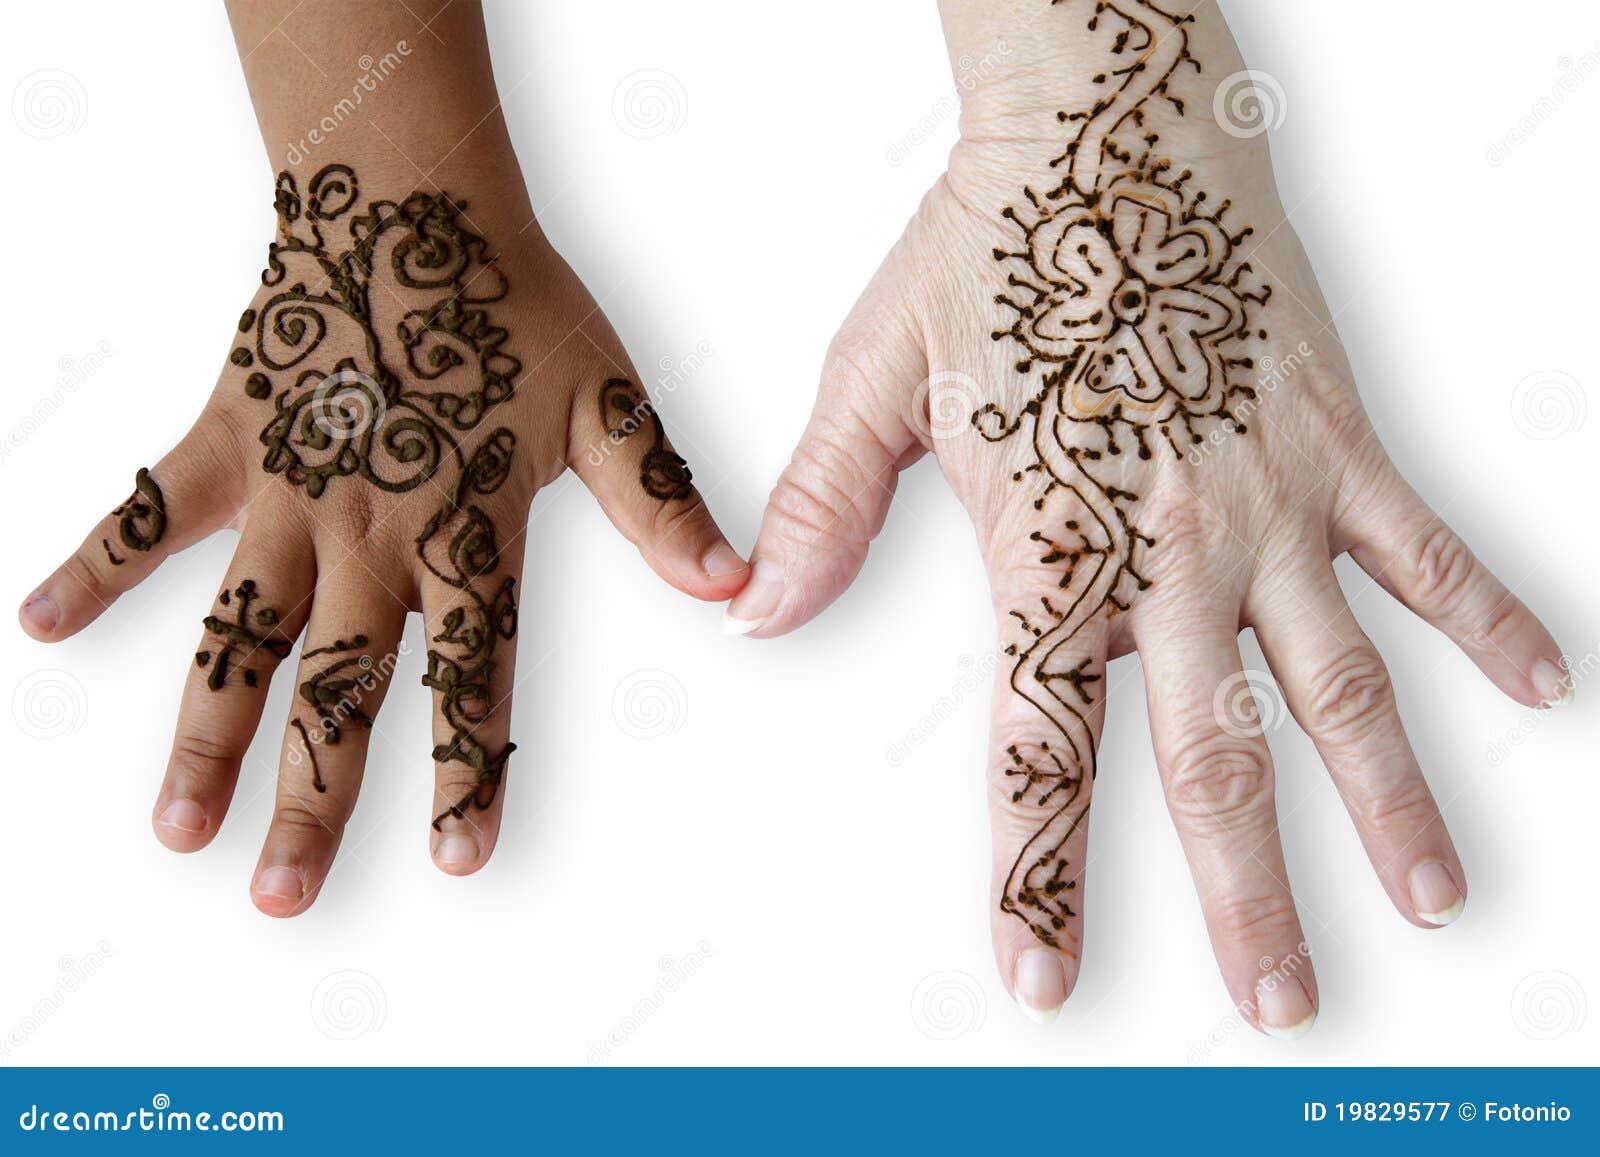 Fotografia stock libera da diritti: due mani femminili con i tatuaggi